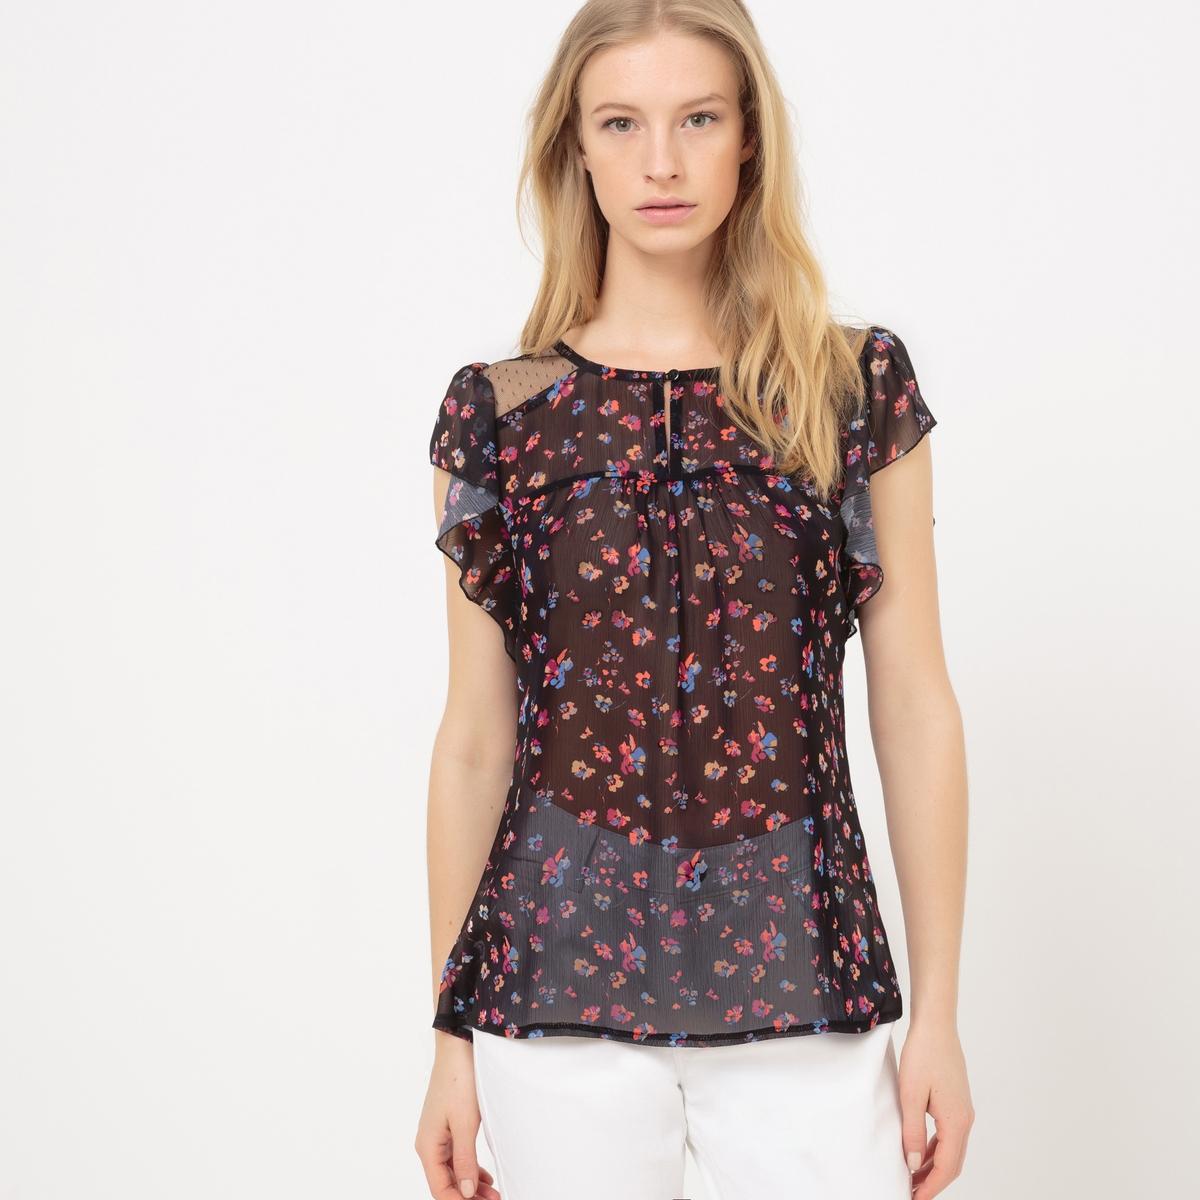 Блузка с тунисским вырезом, цветочным рисунком, без рукавов